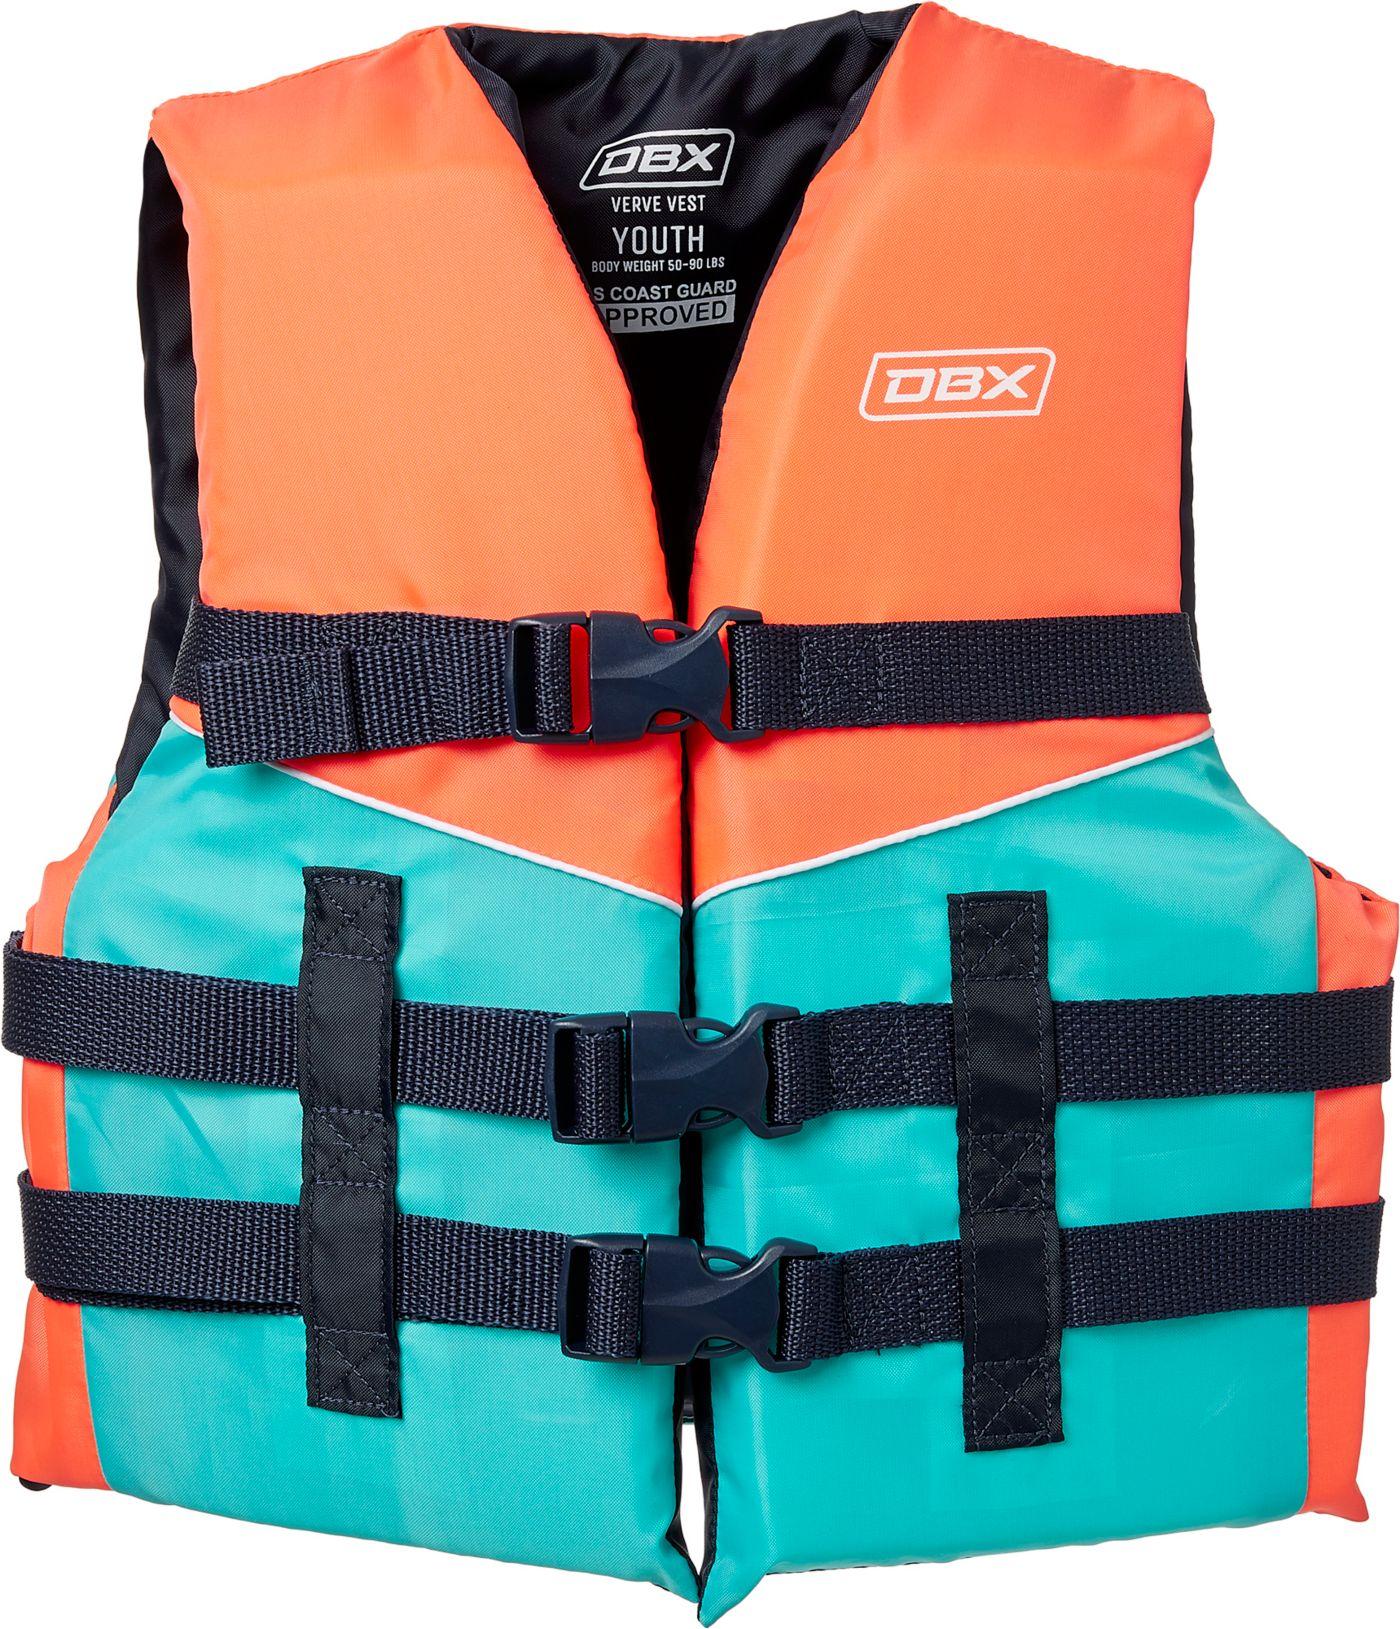 DBX Youth Verve Nylon Life Vest